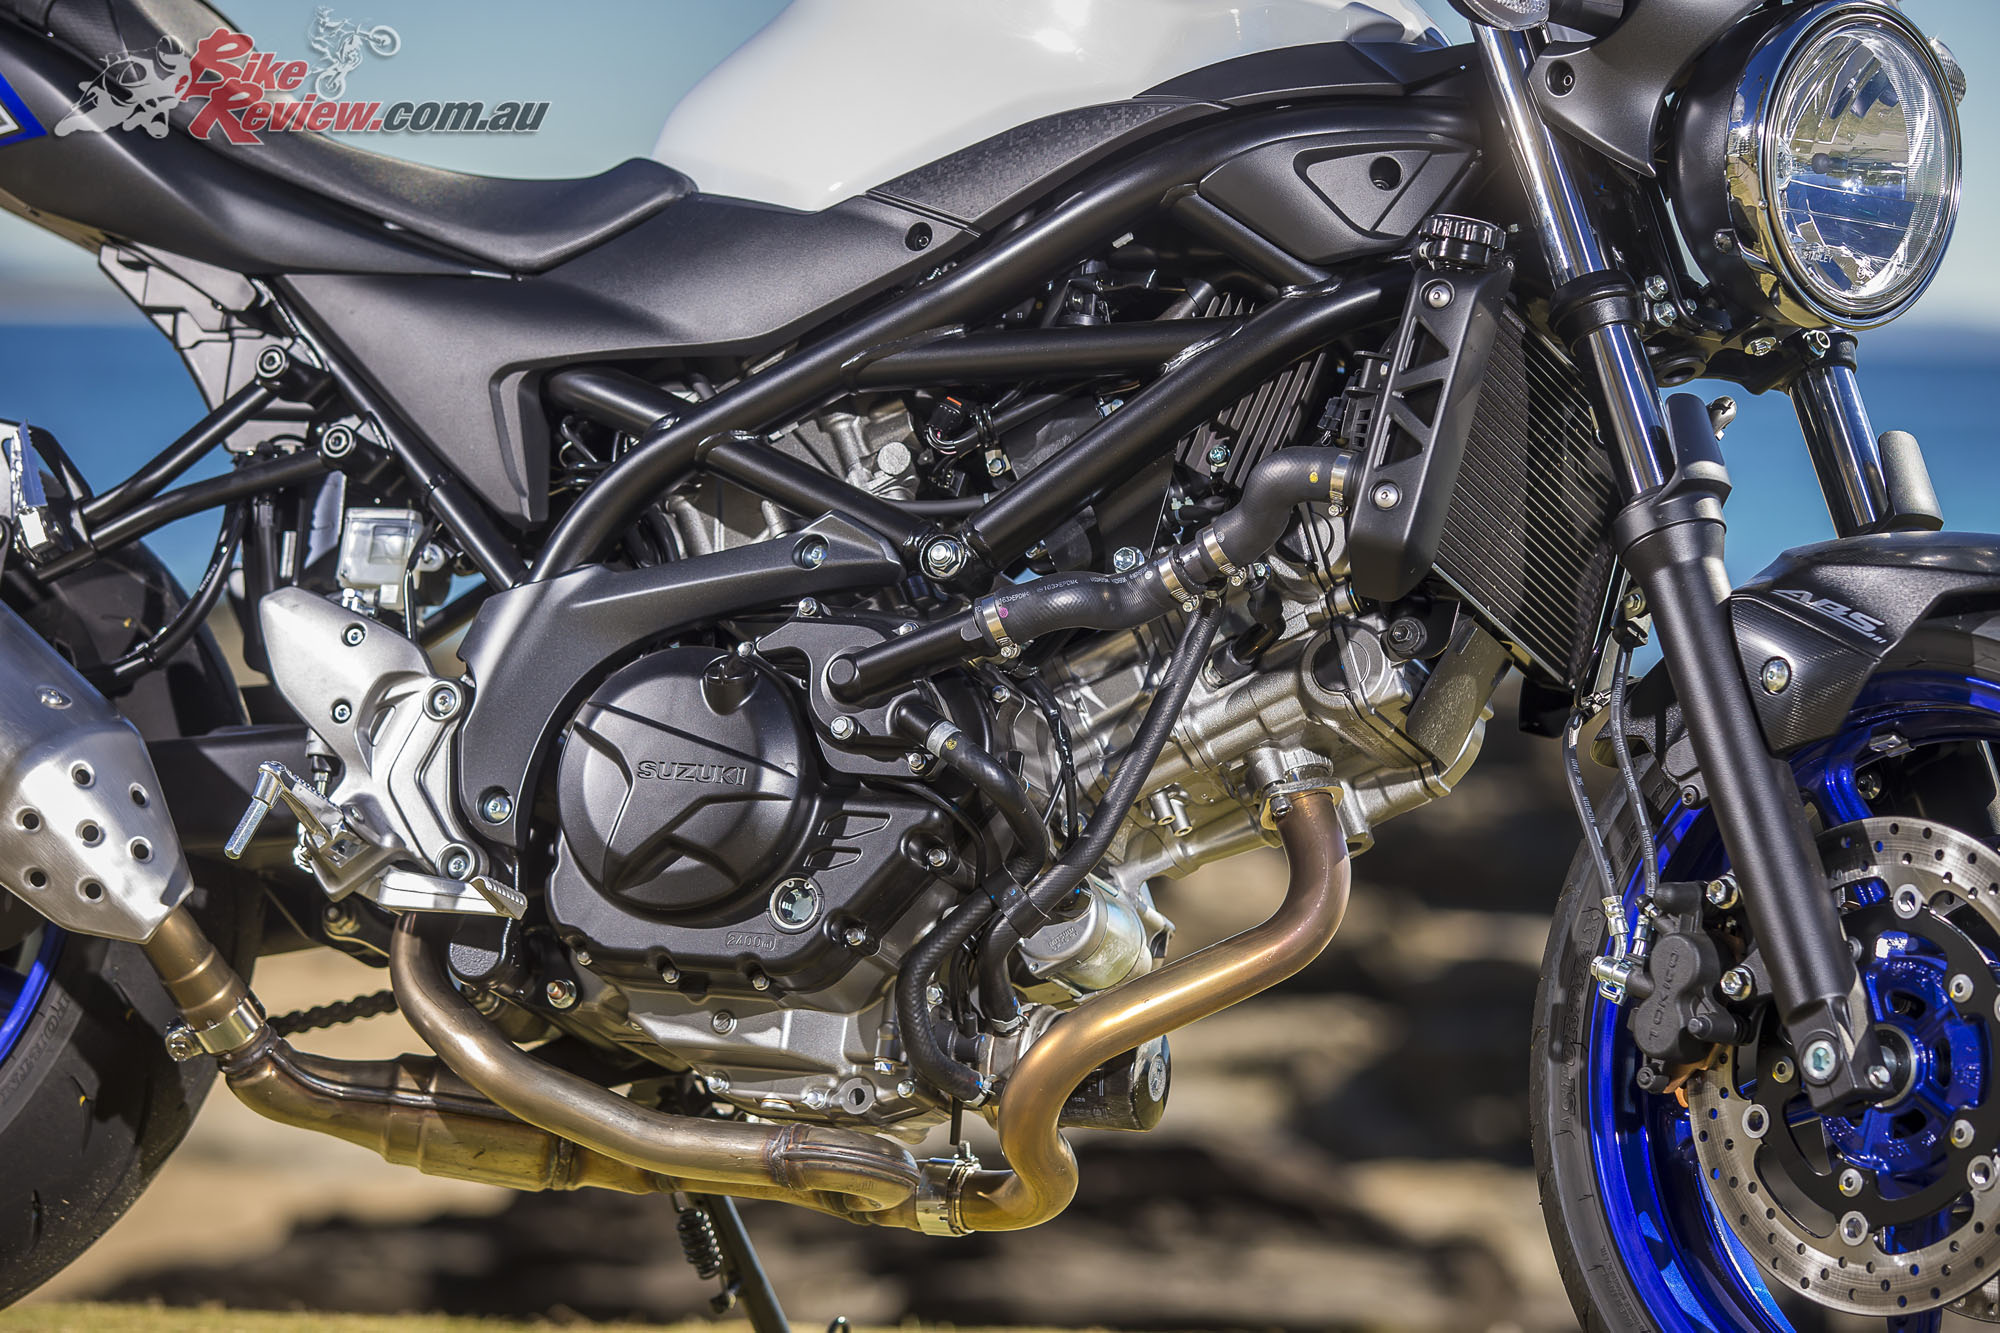 2016 Suzuki SV650 LAMS Bike Review Stat 5